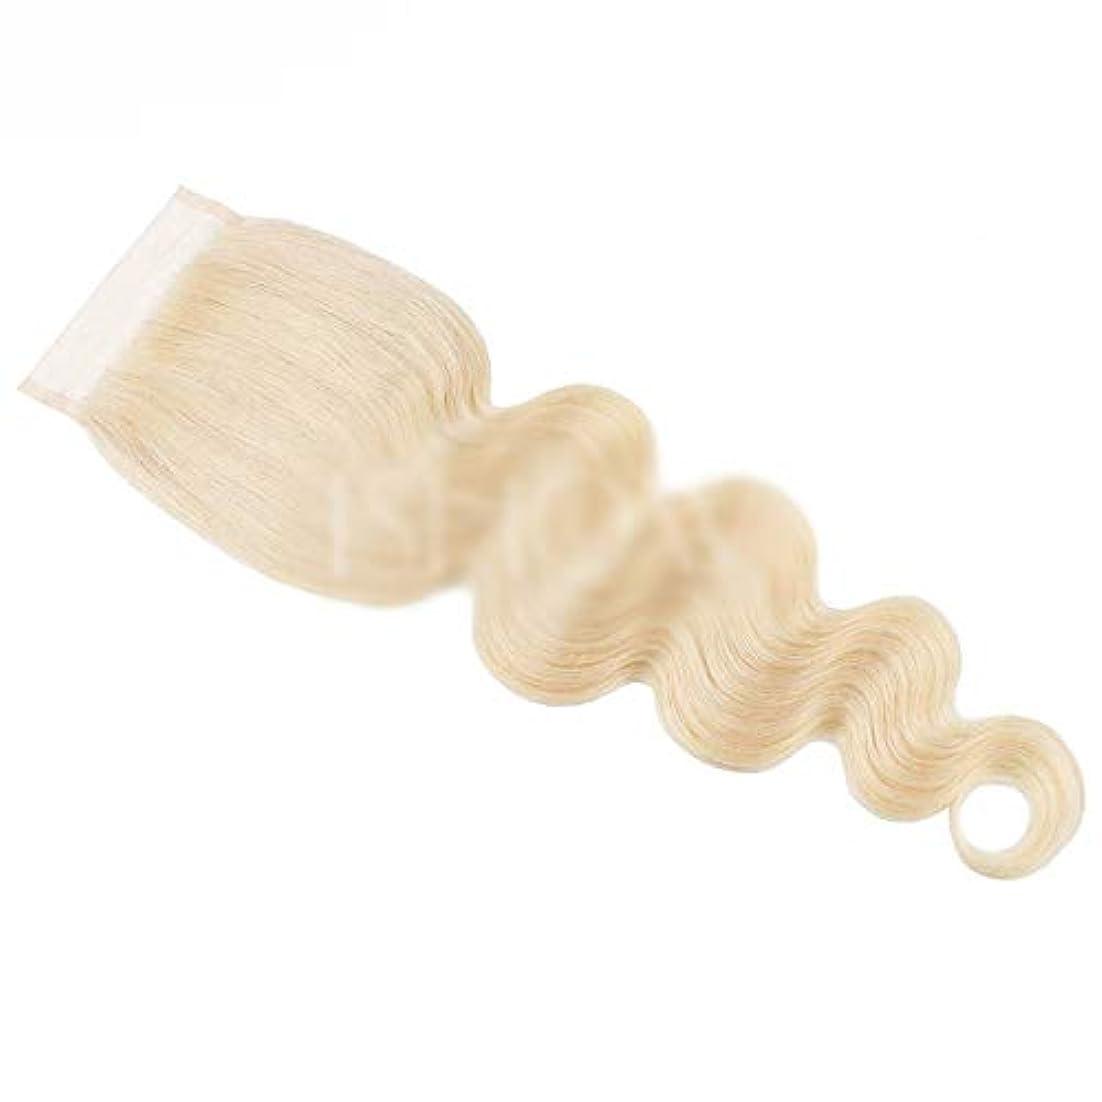 添加広まった上記の頭と肩WASAIO ボディウェーブブラジルのレースの閉鎖未精製の人間の髪ブロンド織り広場バンドルクリップ (色 : Blonde, サイズ : 12 inch)